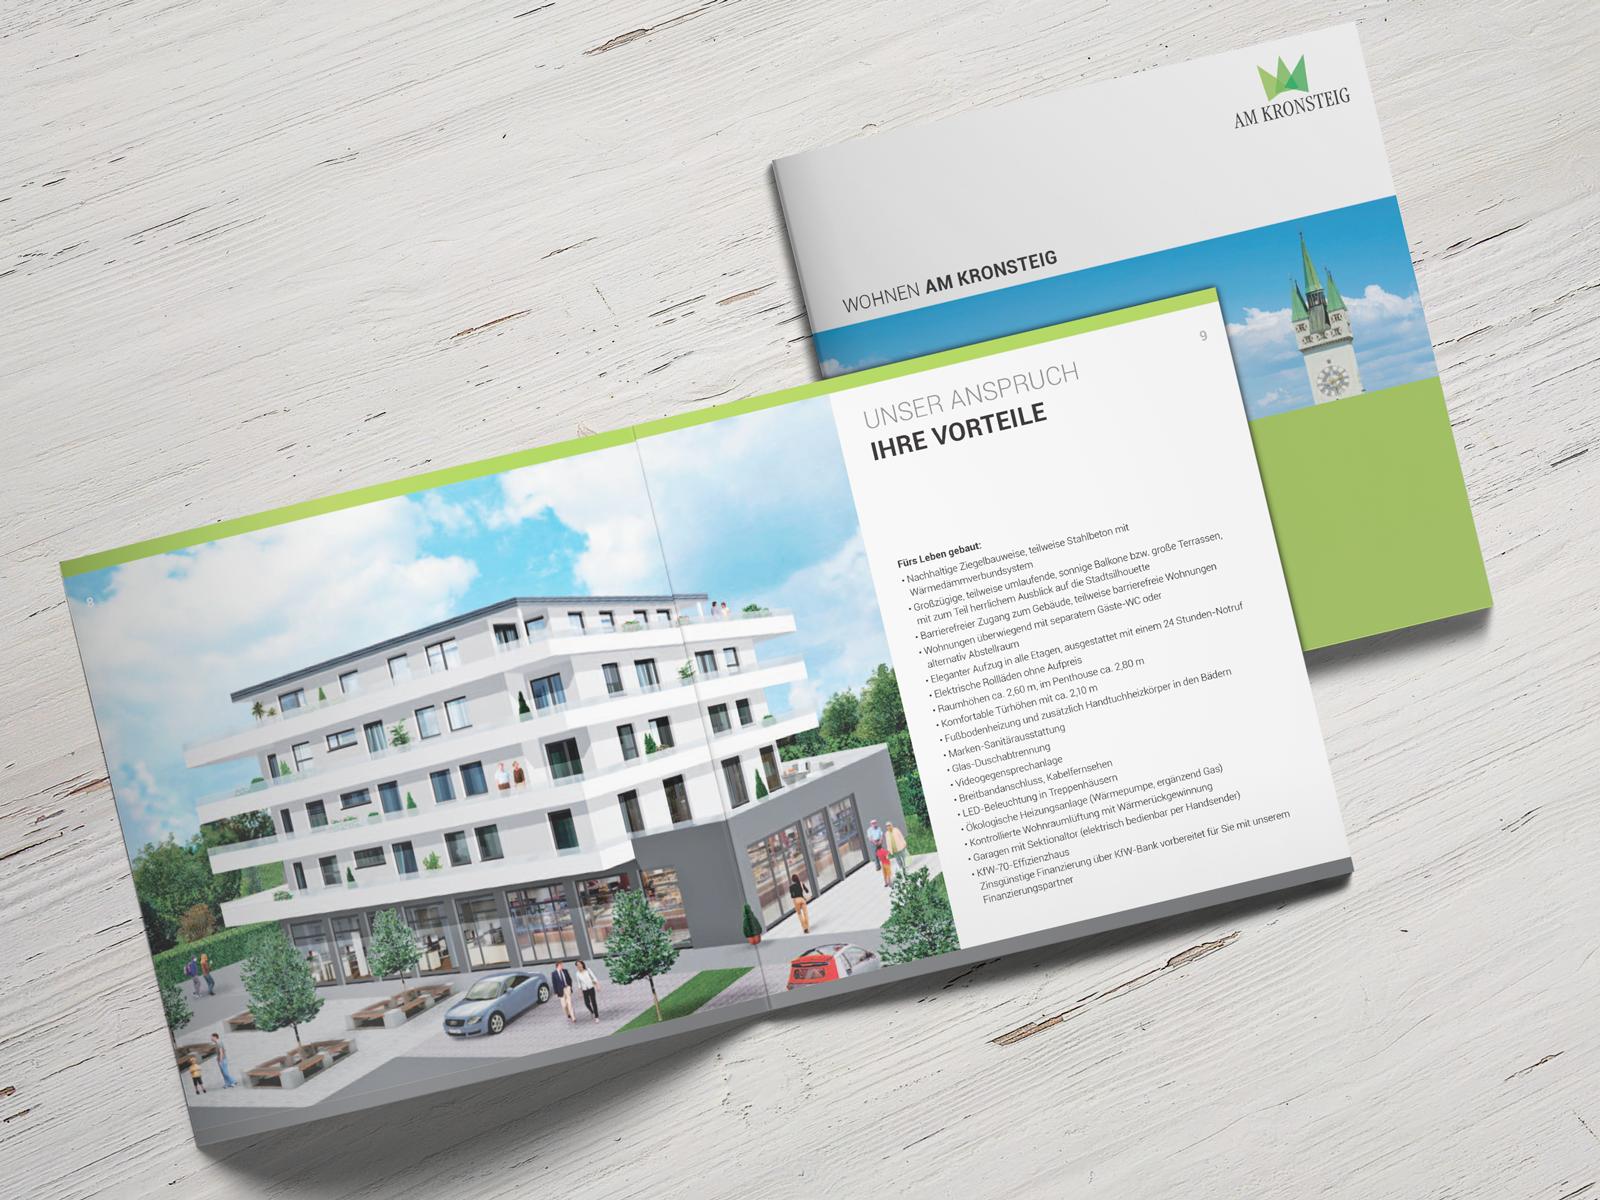 Wohnen am Kronsteig:  Attraktives Wohnen im neuen Bezirk von Alburg. Hier werden für Singles und Familien besondere Wohnqualitäten geschaffen.